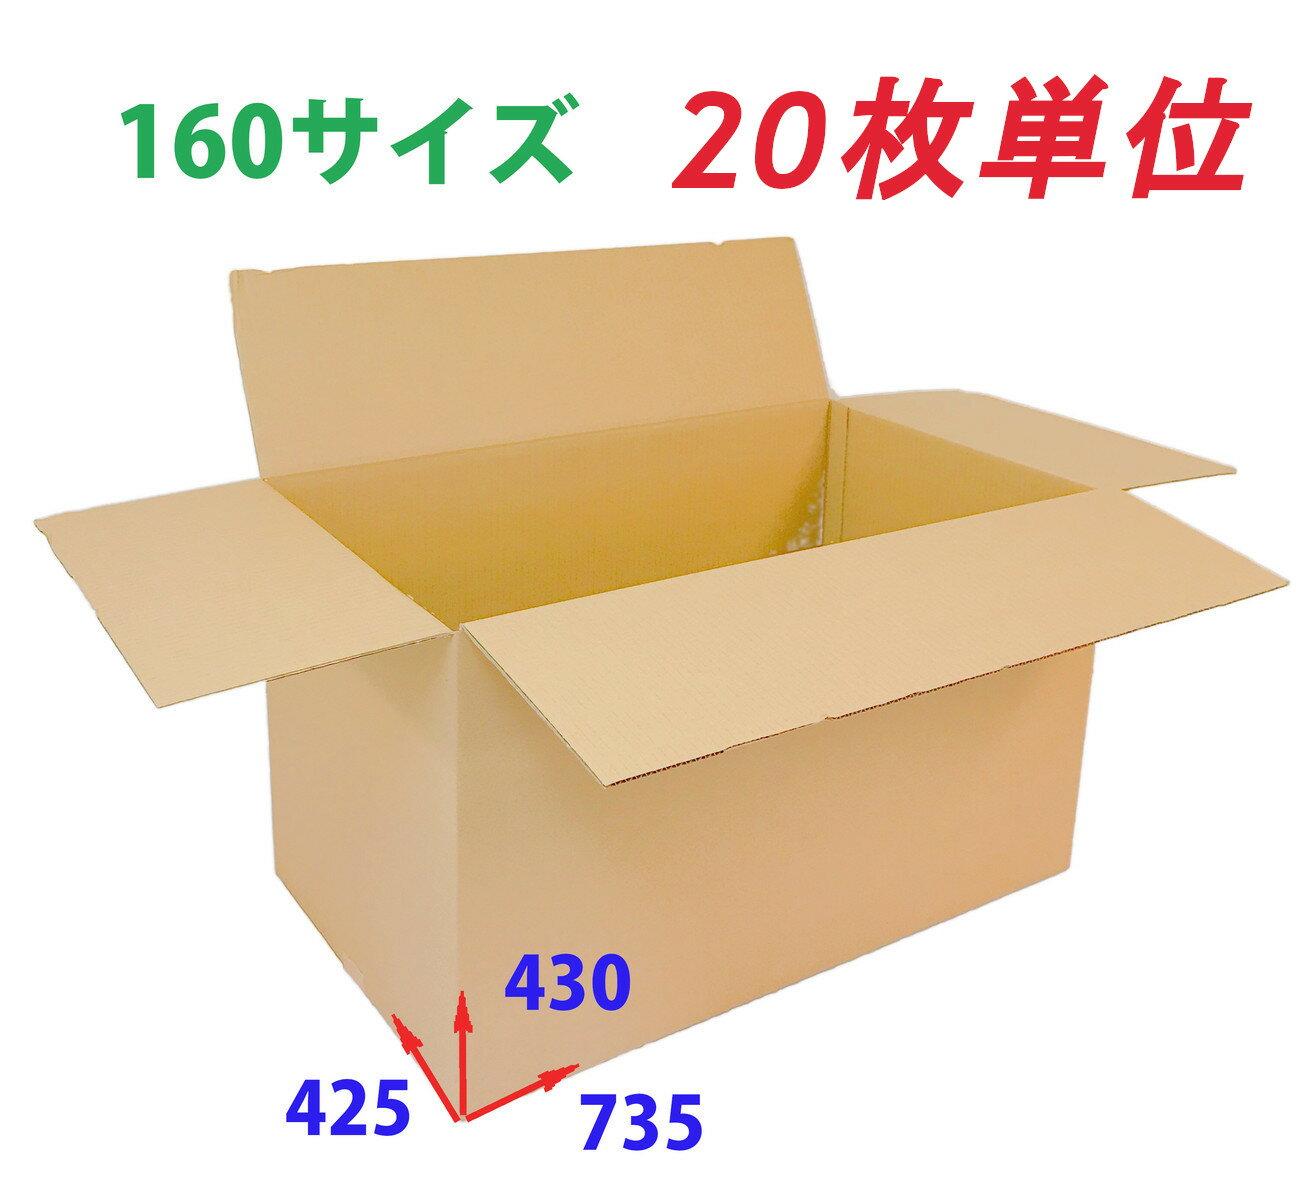 【あす楽】激安!160サイズダンボール(735x425x430) 20枚 引っ越し 宅配 段ボール ダンボール箱 引越し 引越し用 通販 日本製 送料無料 最安 激安